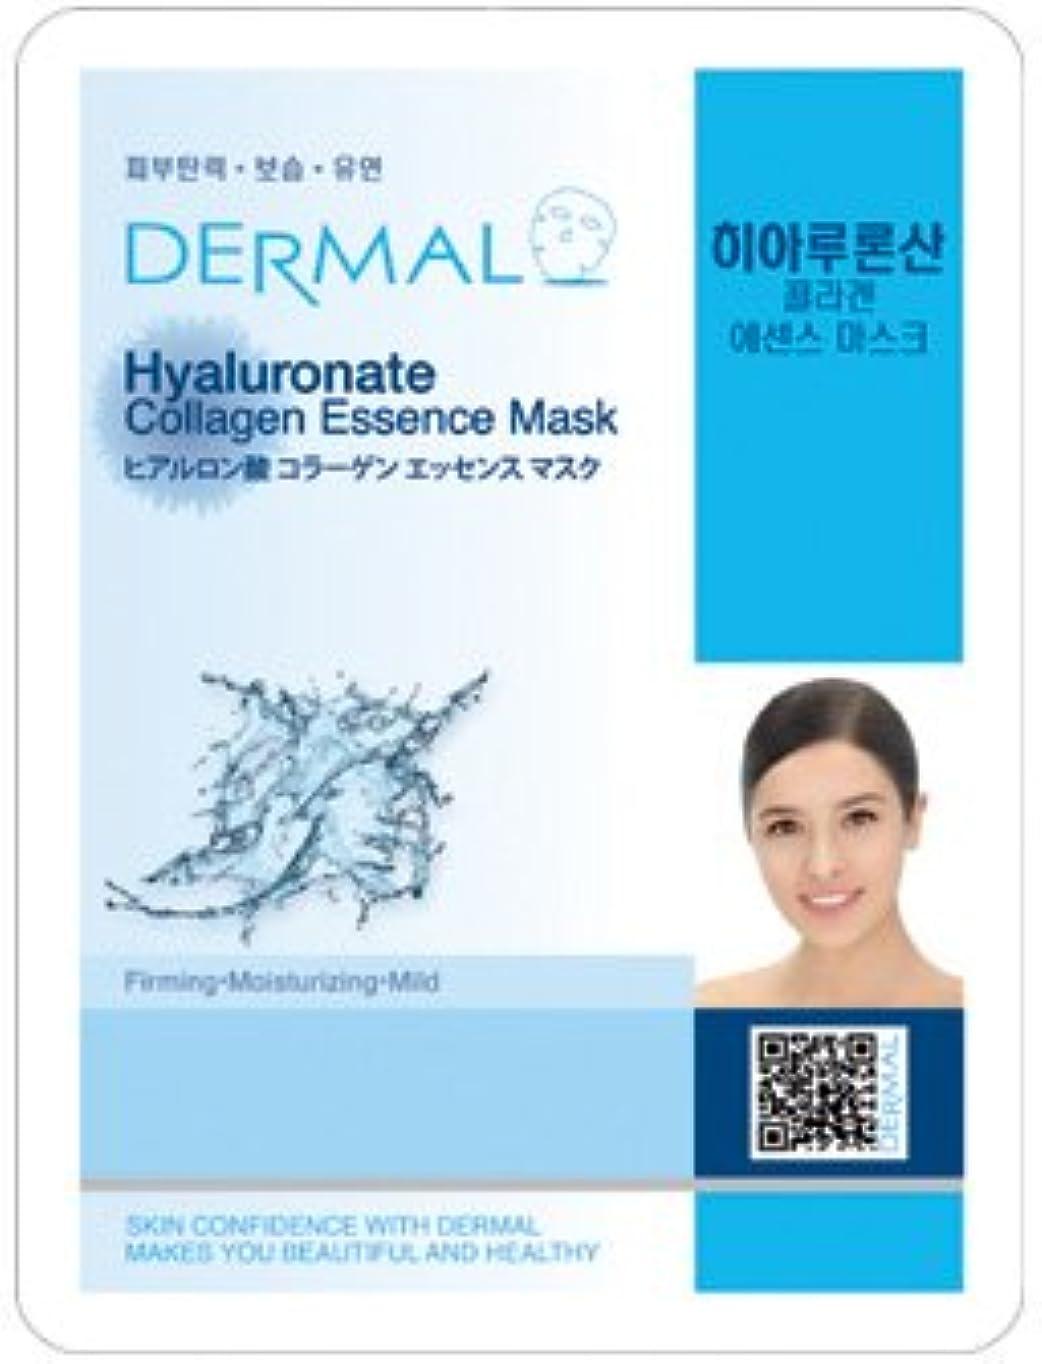 西人間あらゆる種類のシートマスク ヒアルロン酸 100枚セット ダーマル(Dermal) フェイス パック